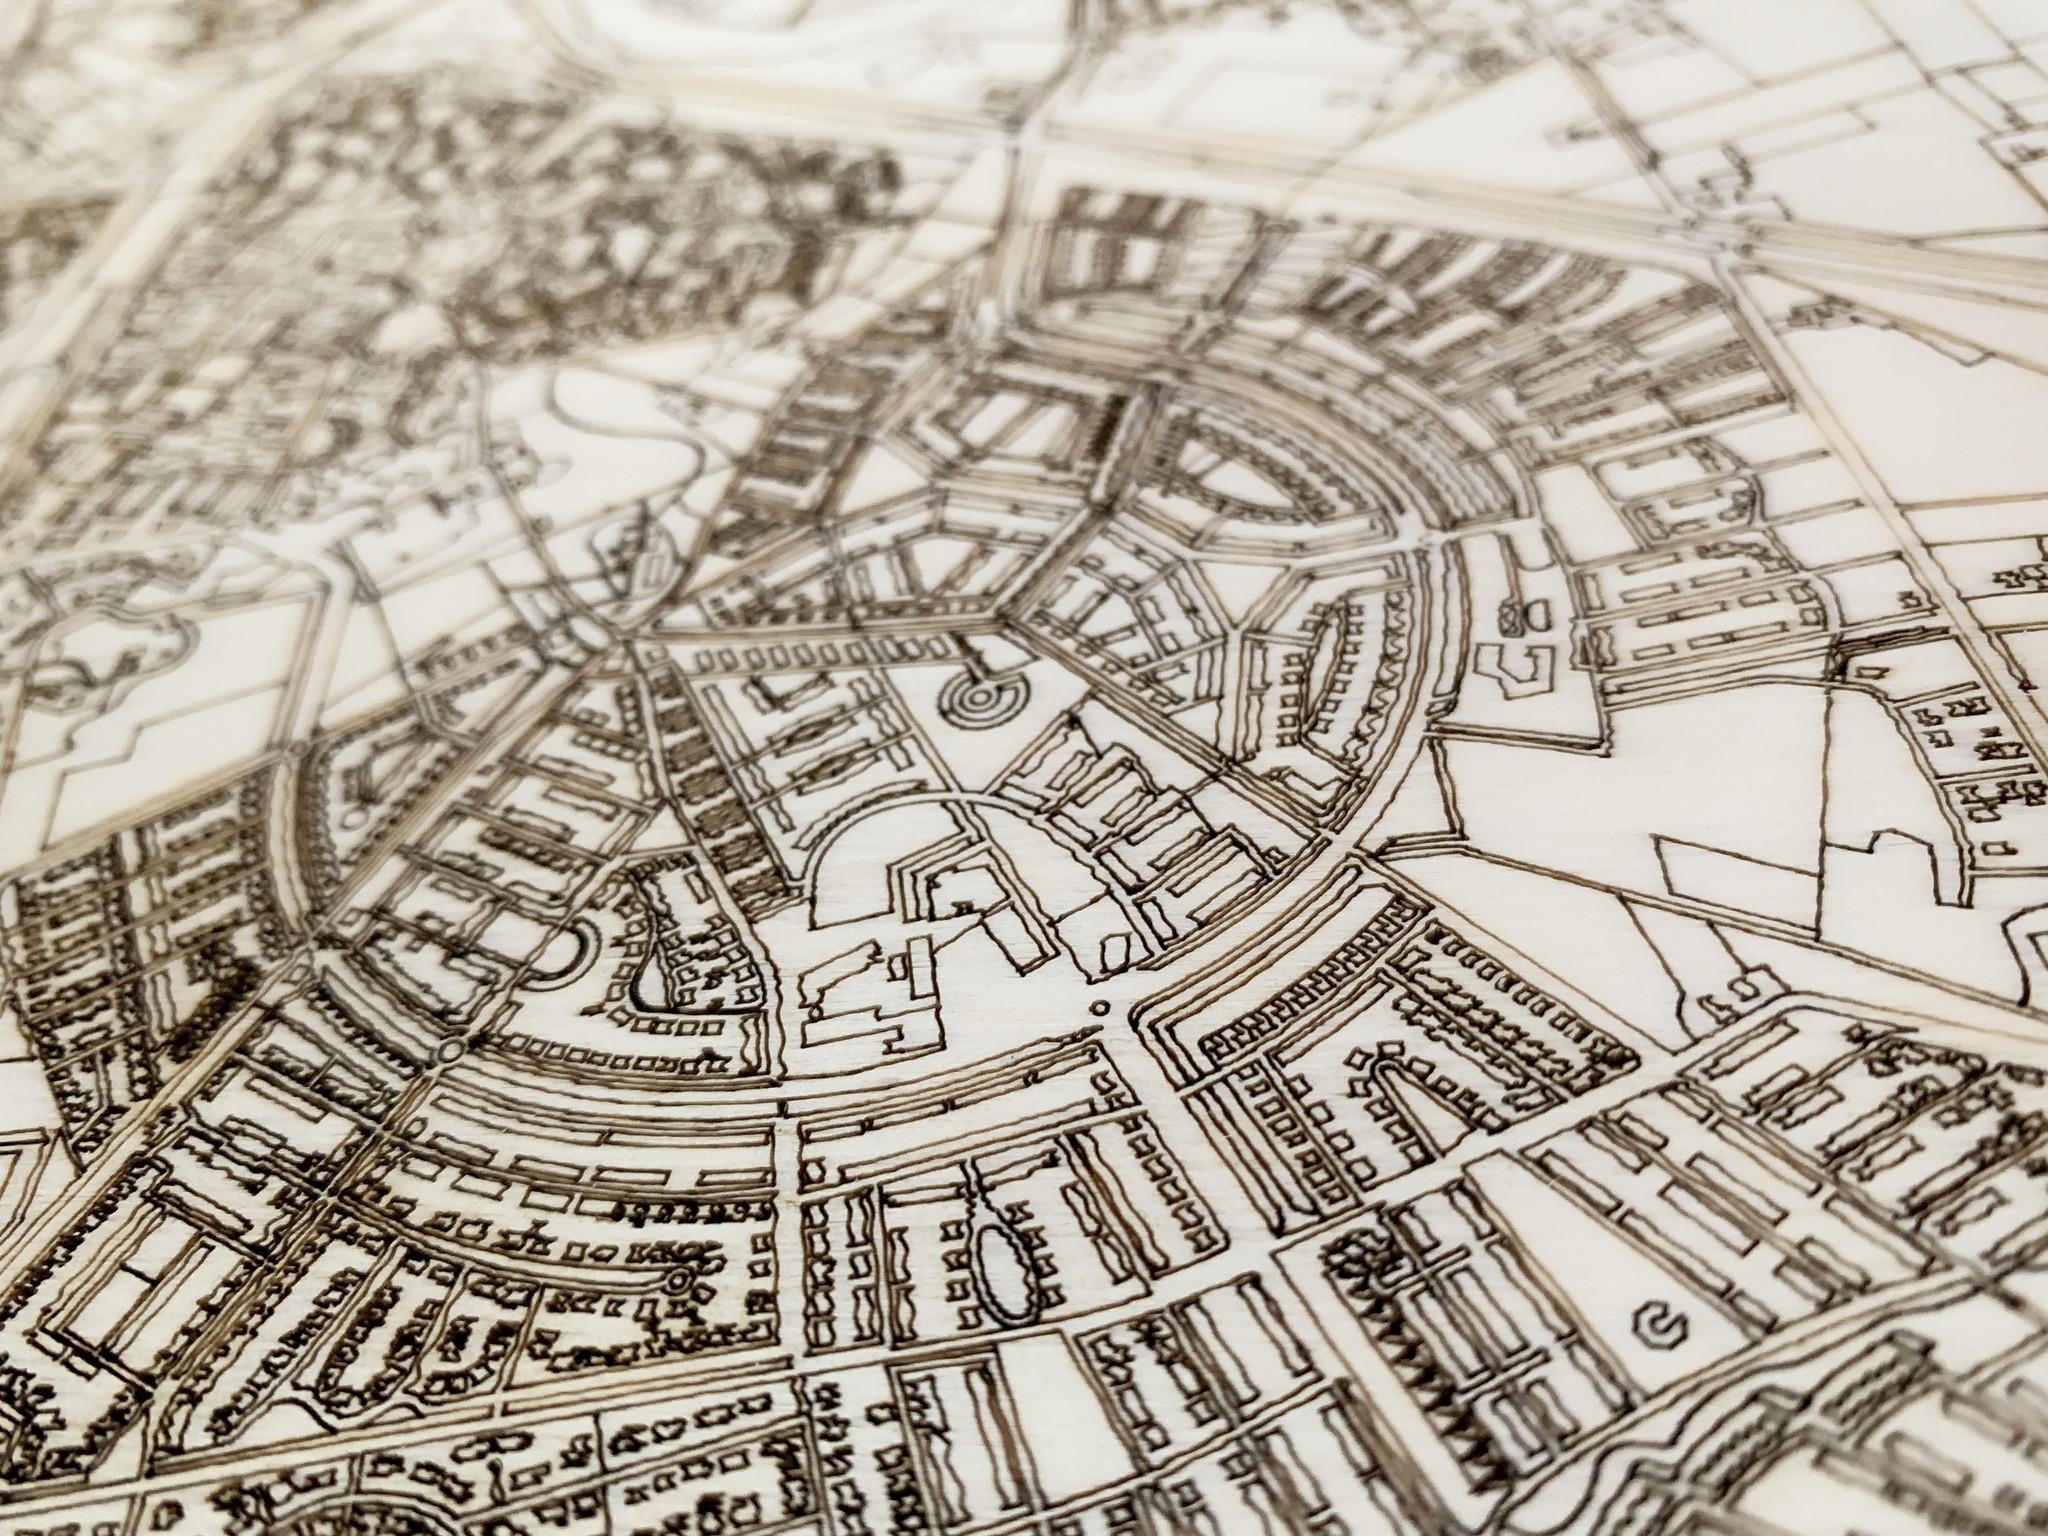 Houten stadsplattegrond Den Helder-4